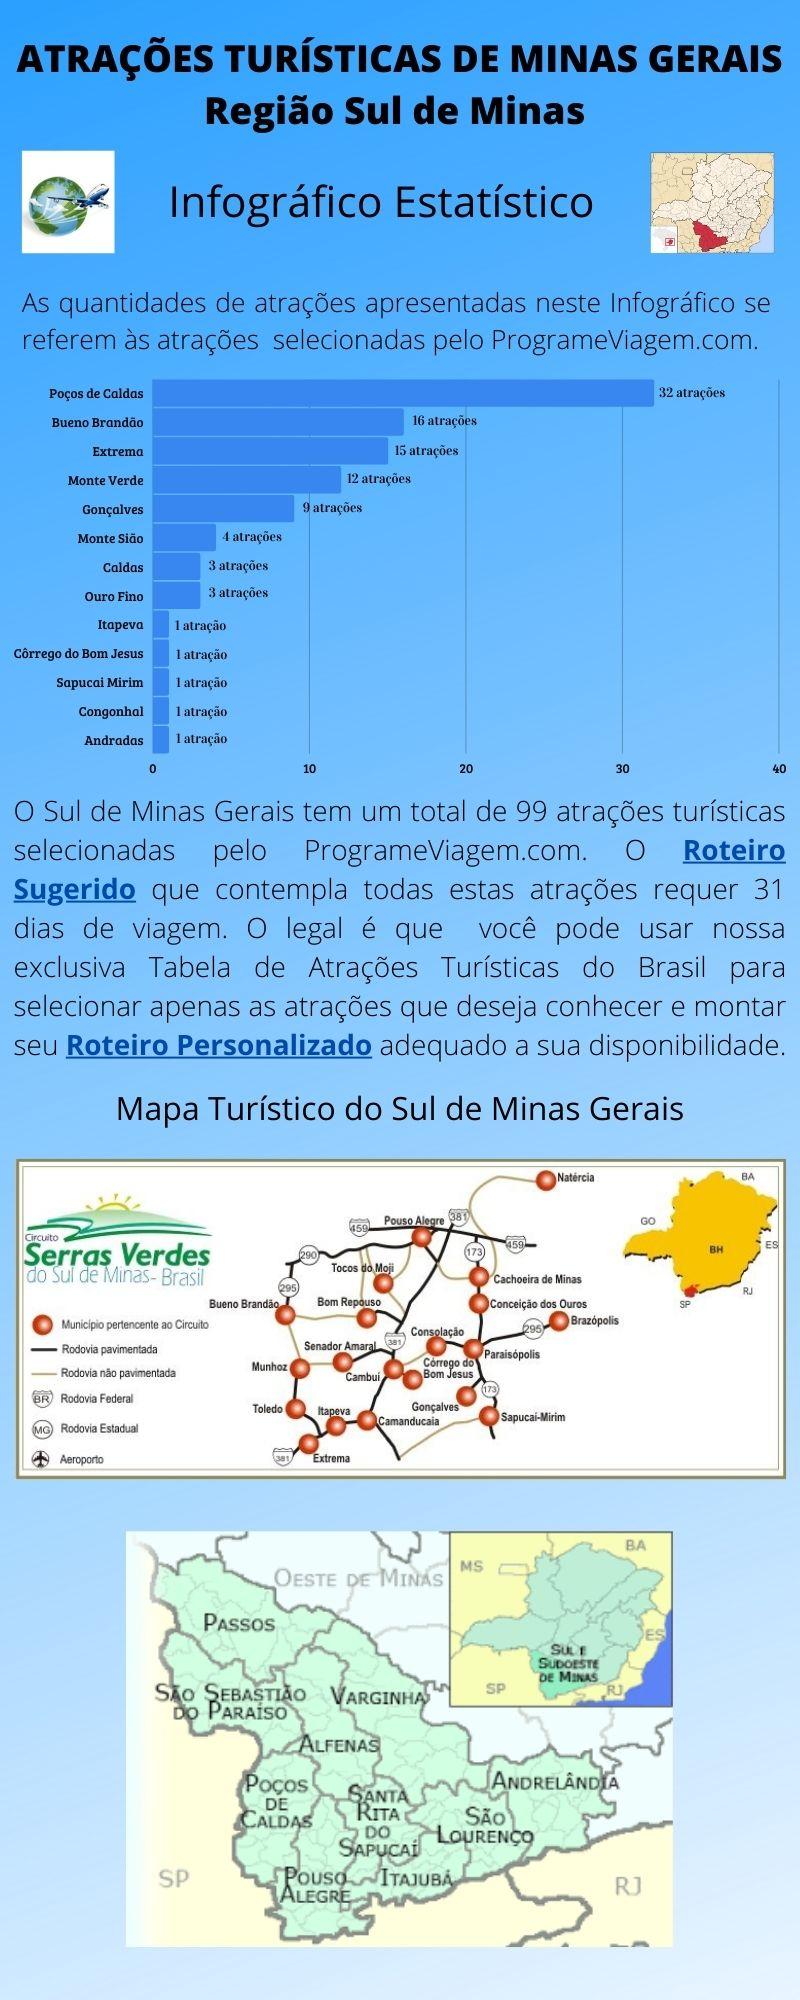 Infográfico Atrações Turísticas de Minas Gerais (Sul de Minas)